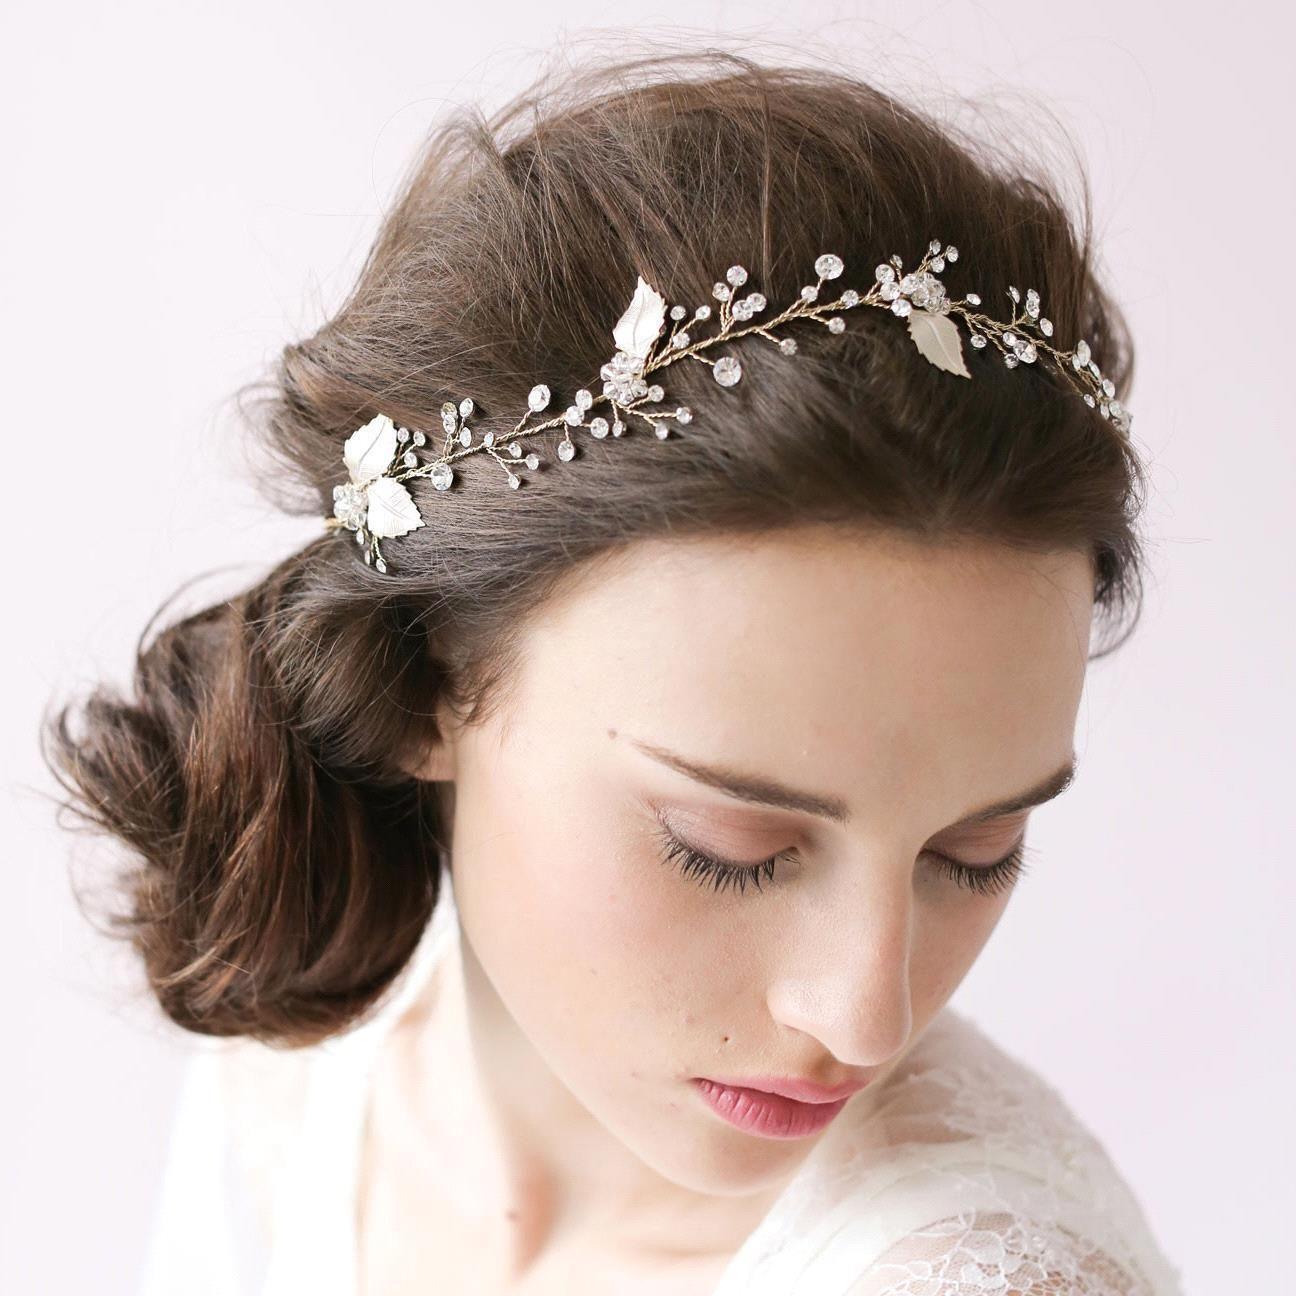 chicloth headband wedding hair accessories hair band